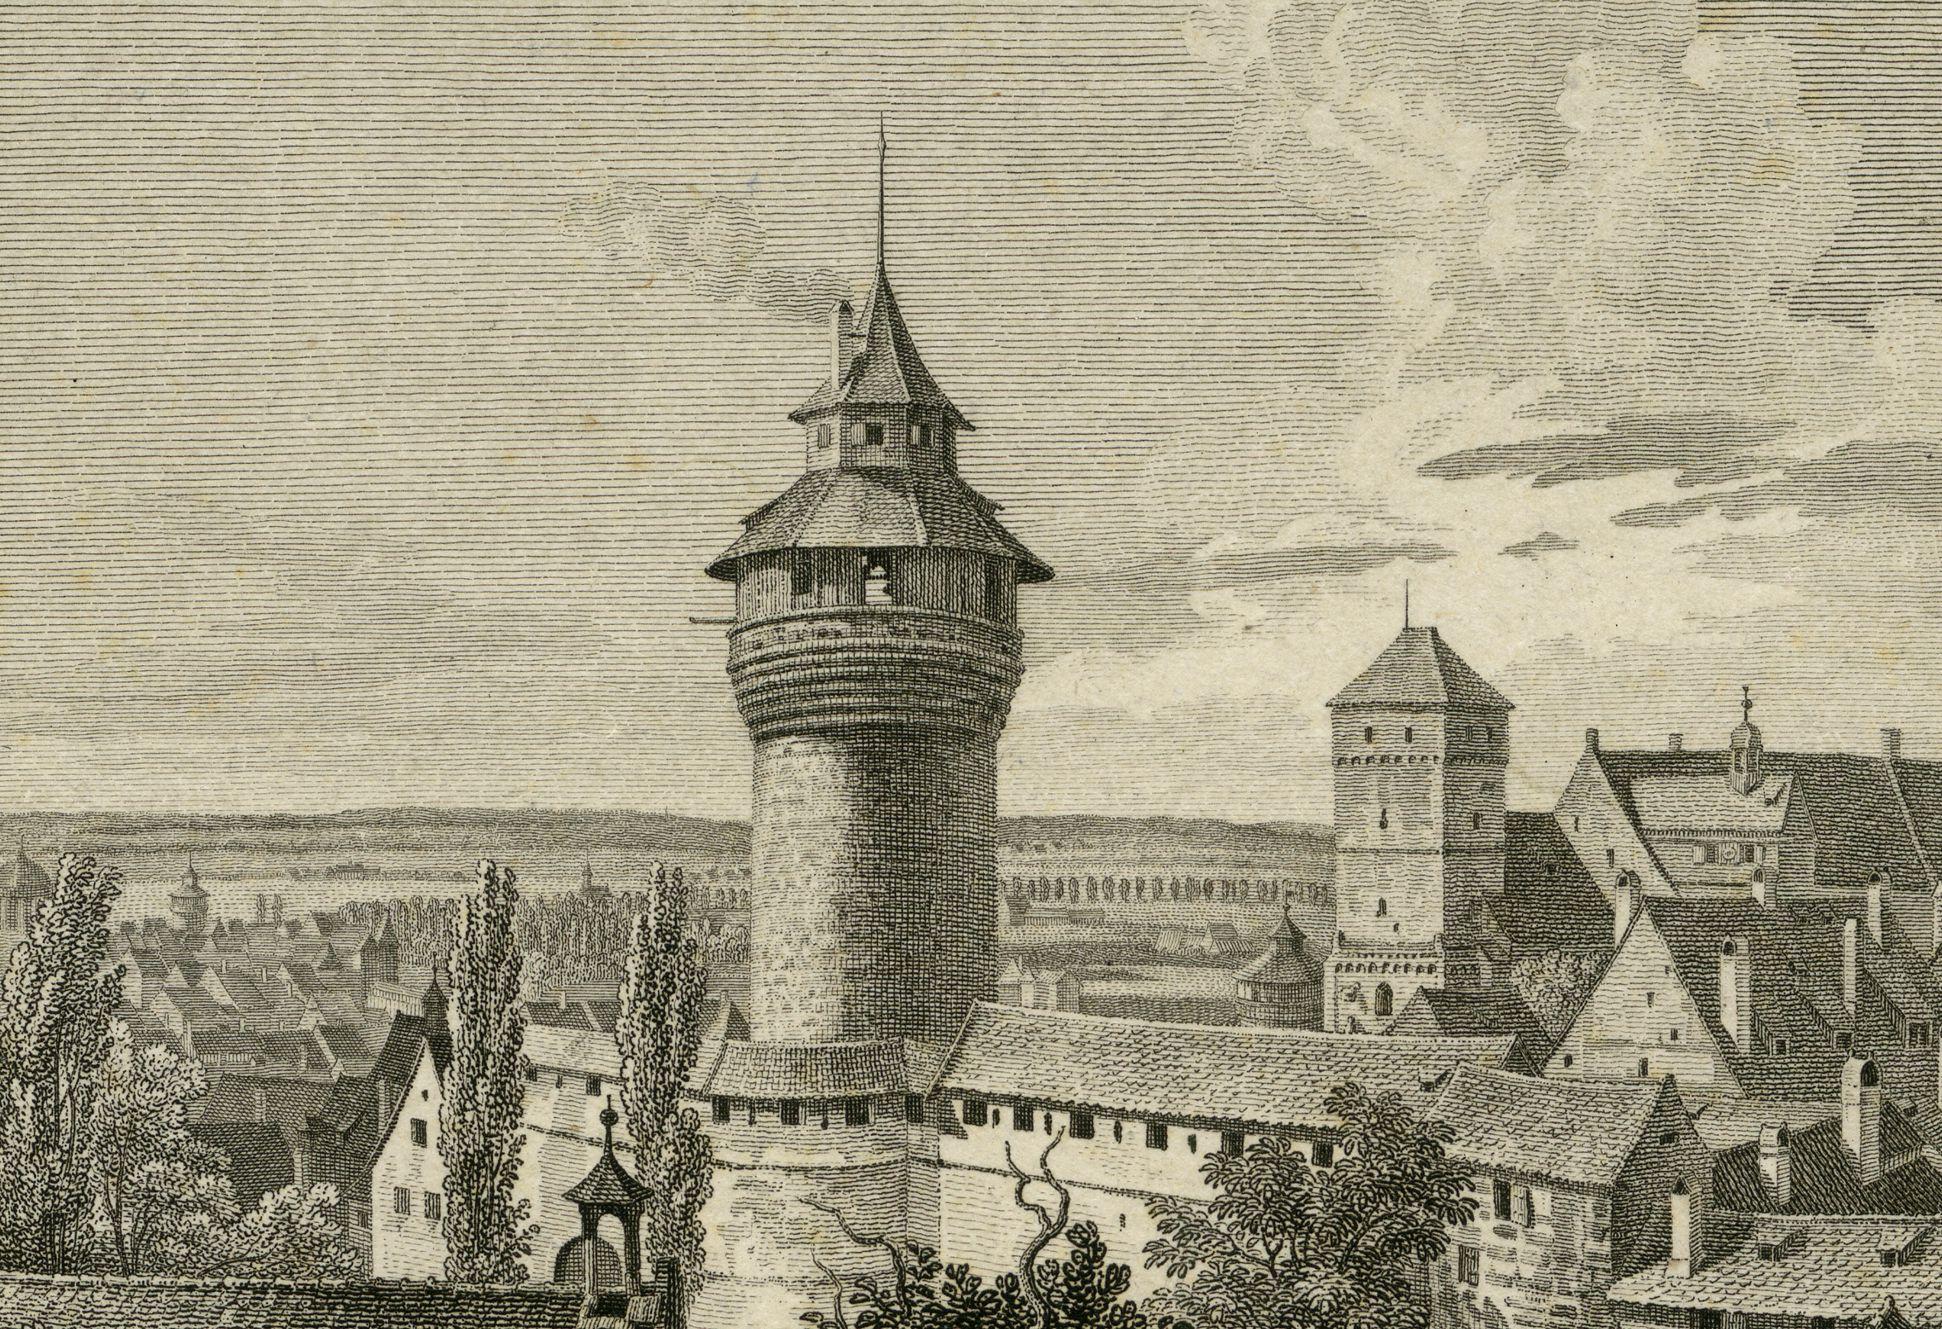 Aussicht vom Fünfeckigen Thurm gegen die Burg obere Bildhälfte